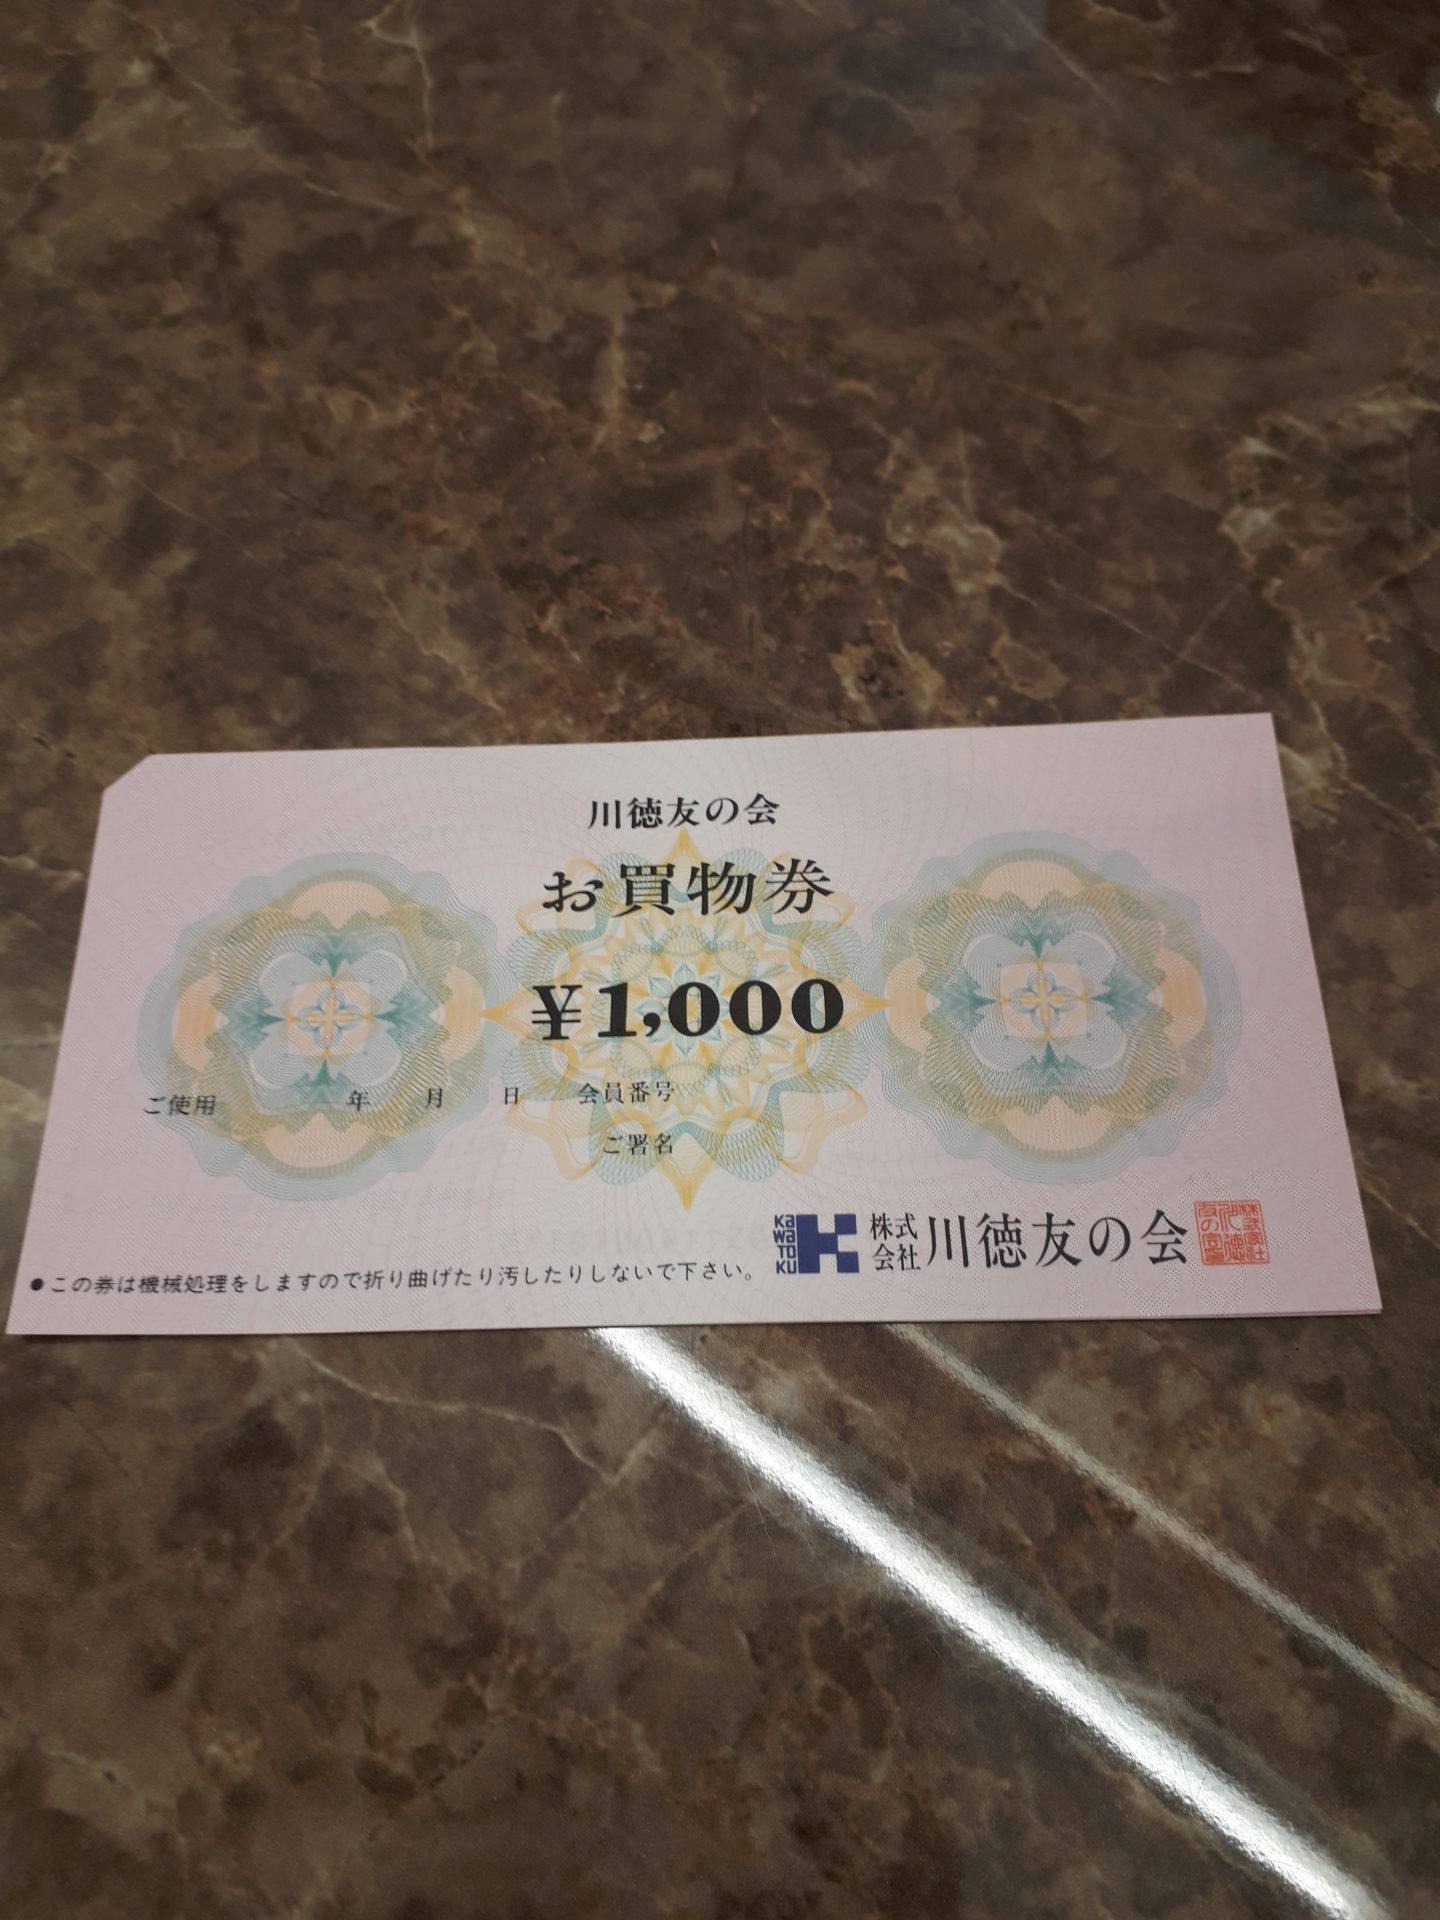 【金券 買取 盛岡】川徳友の会お買い物券について